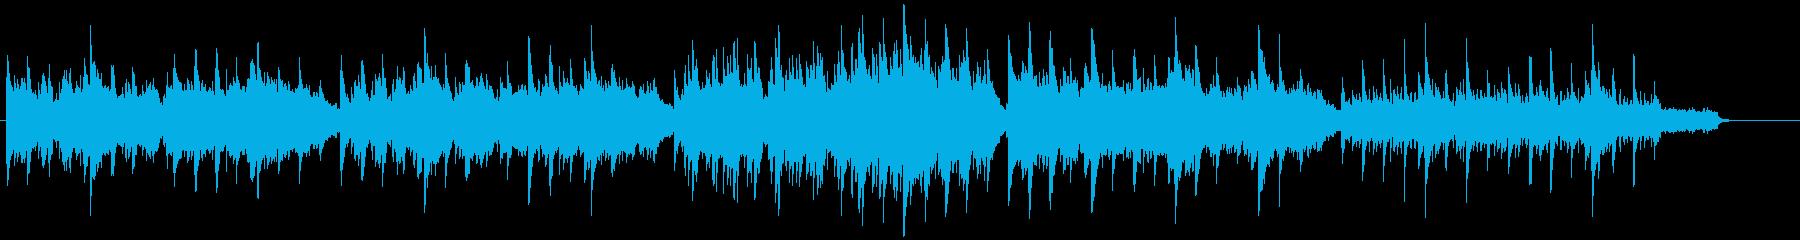 ピアノとストリングスの優しい曲調のBGMの再生済みの波形